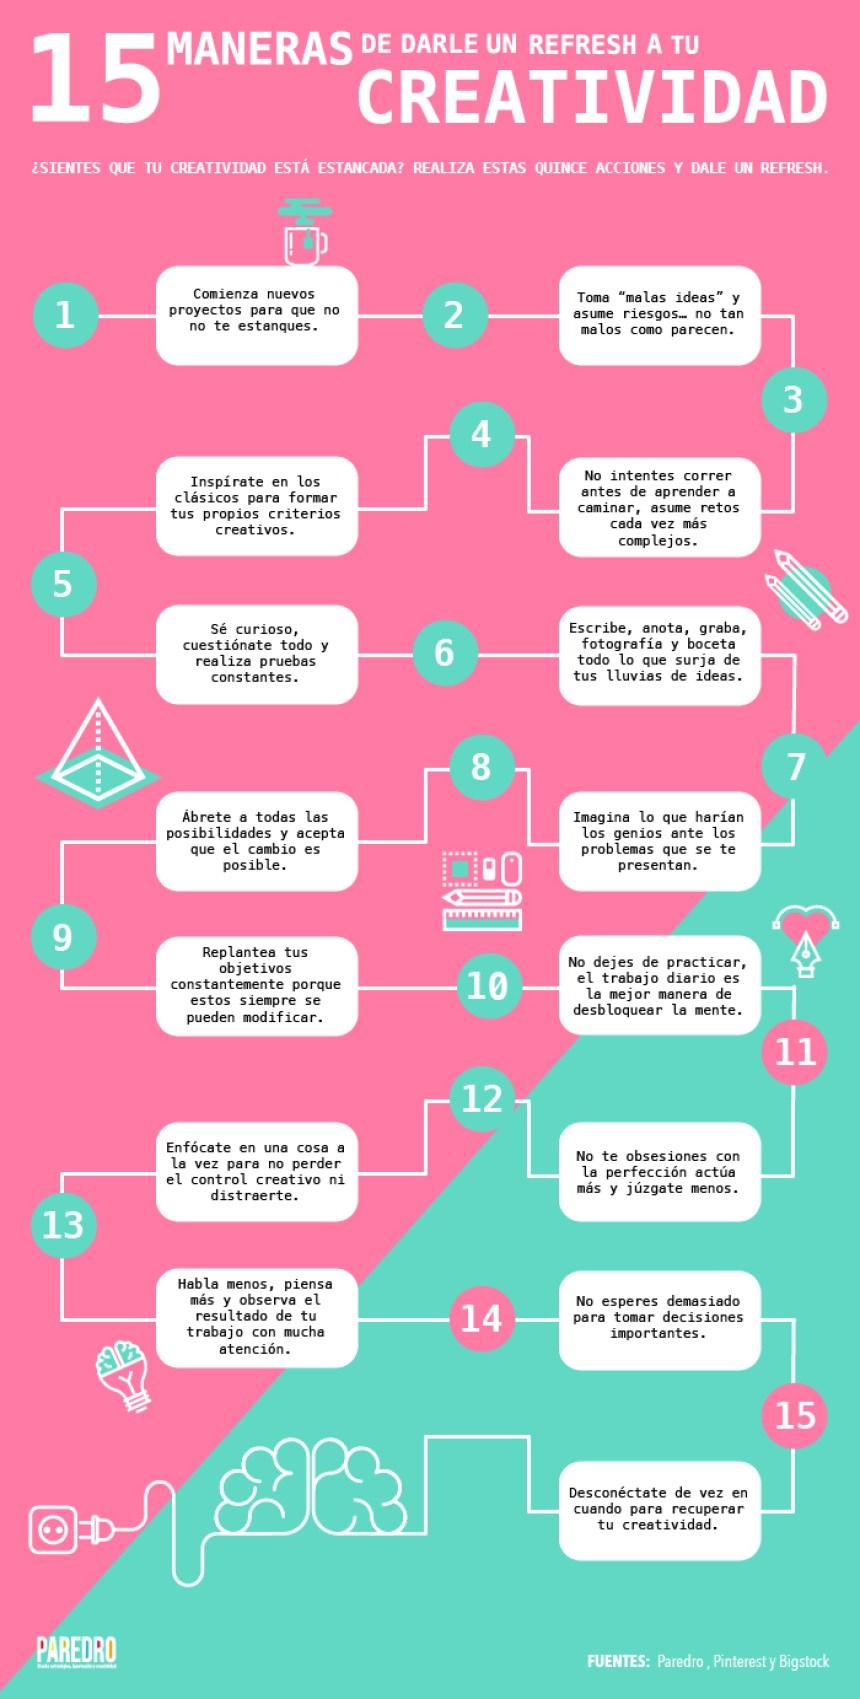 15 maneras de darle un refresh a tu creatividad